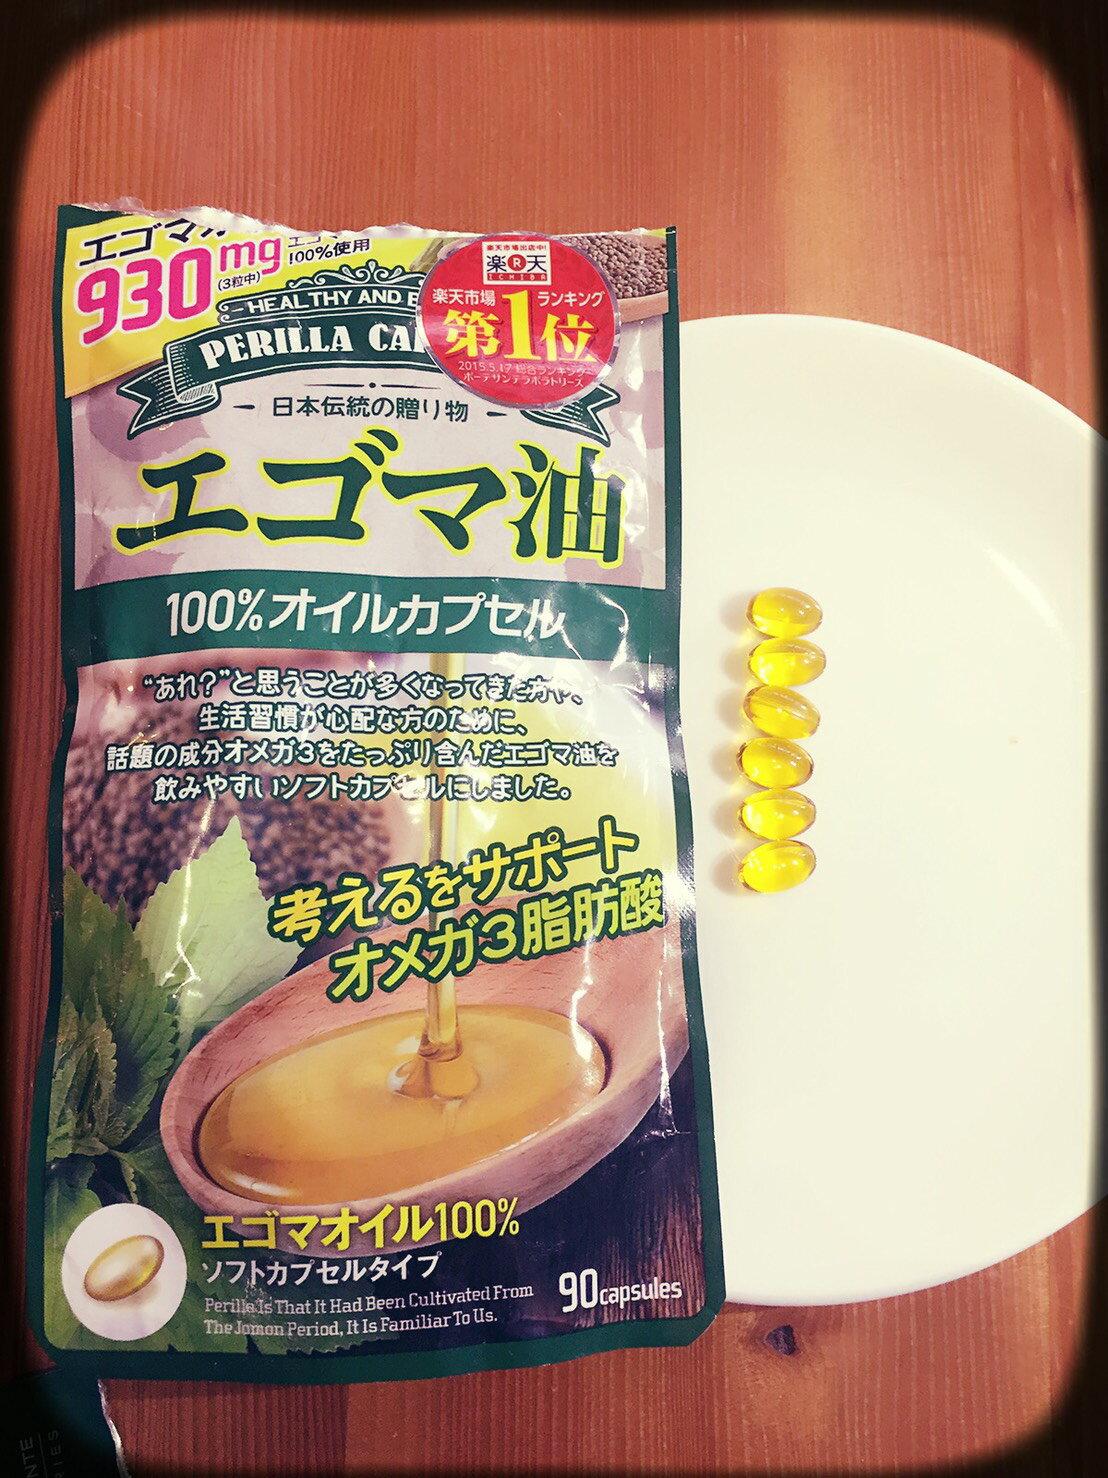 【日本Beaute Sante-lab生酵素230】紫蘇油膠囊(90粒) 2